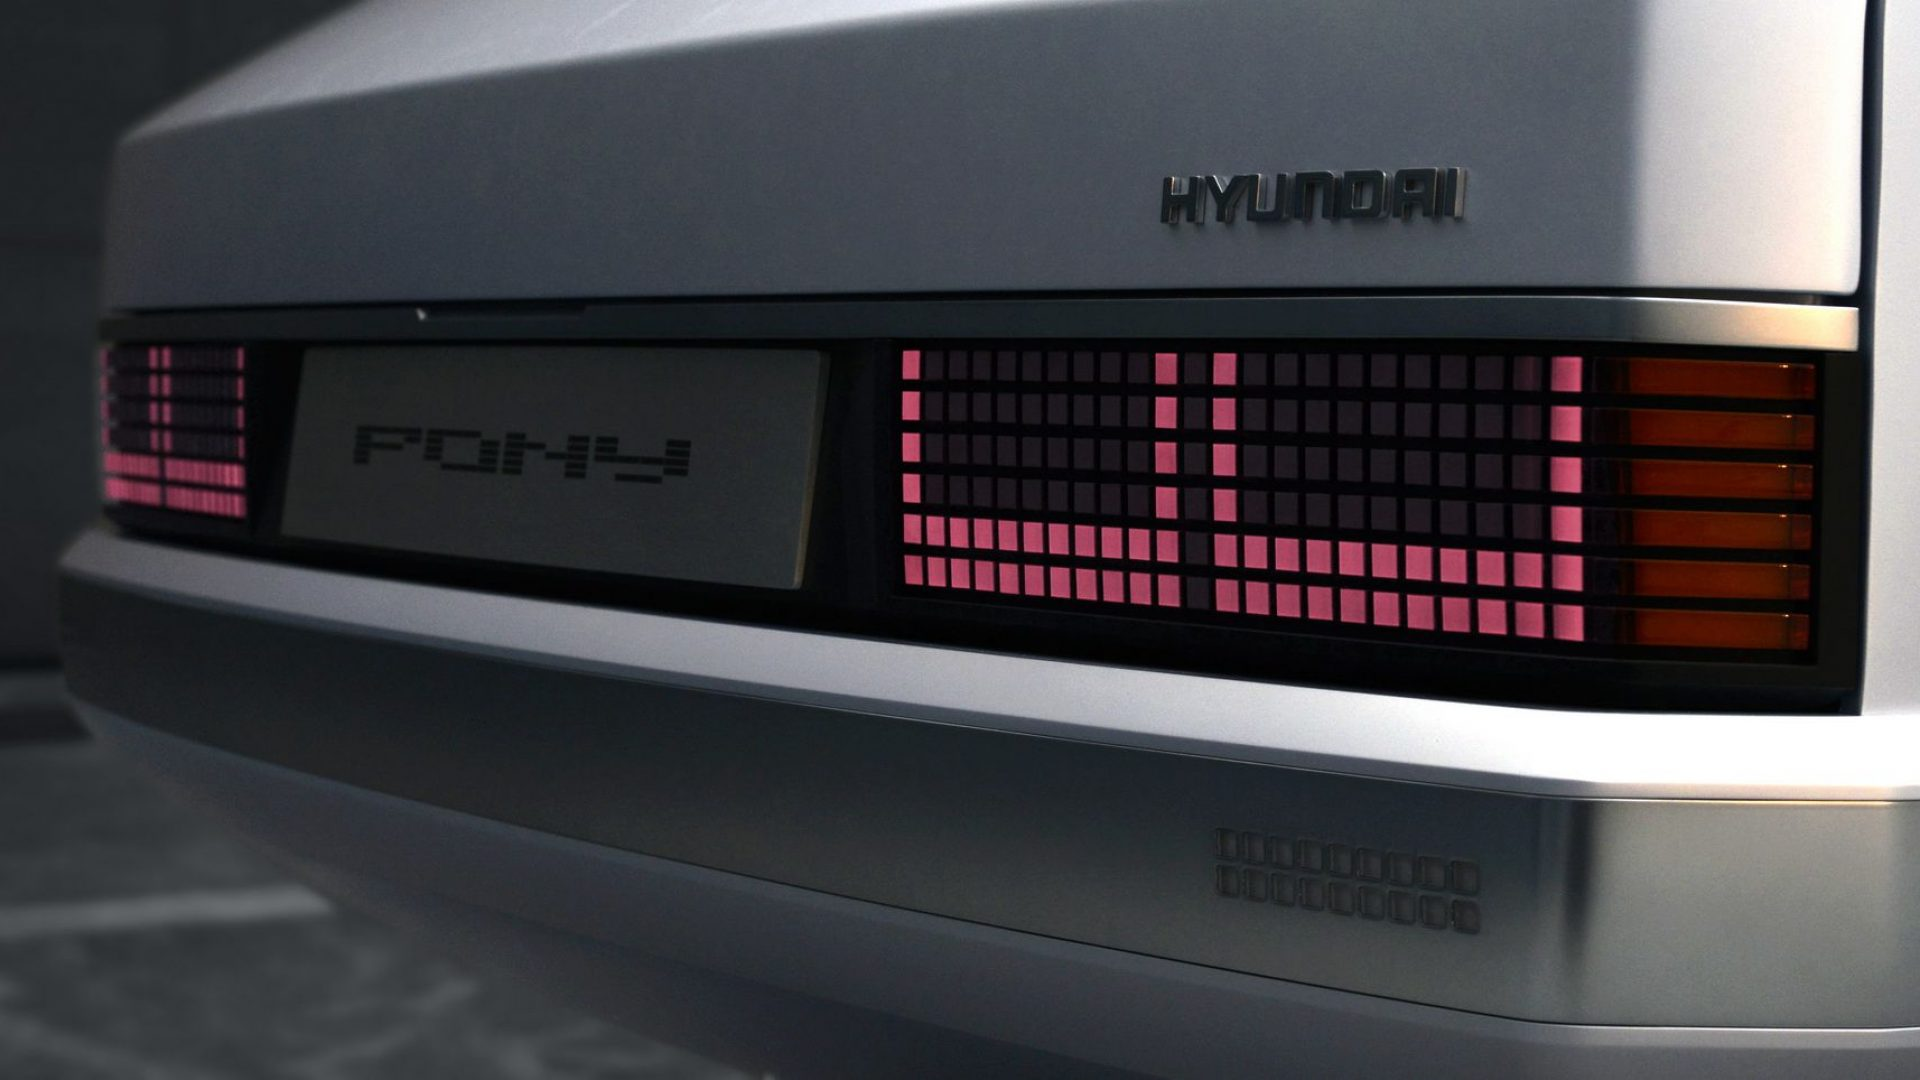 2021-Hyundai-Pony-EV-Show-Car-11